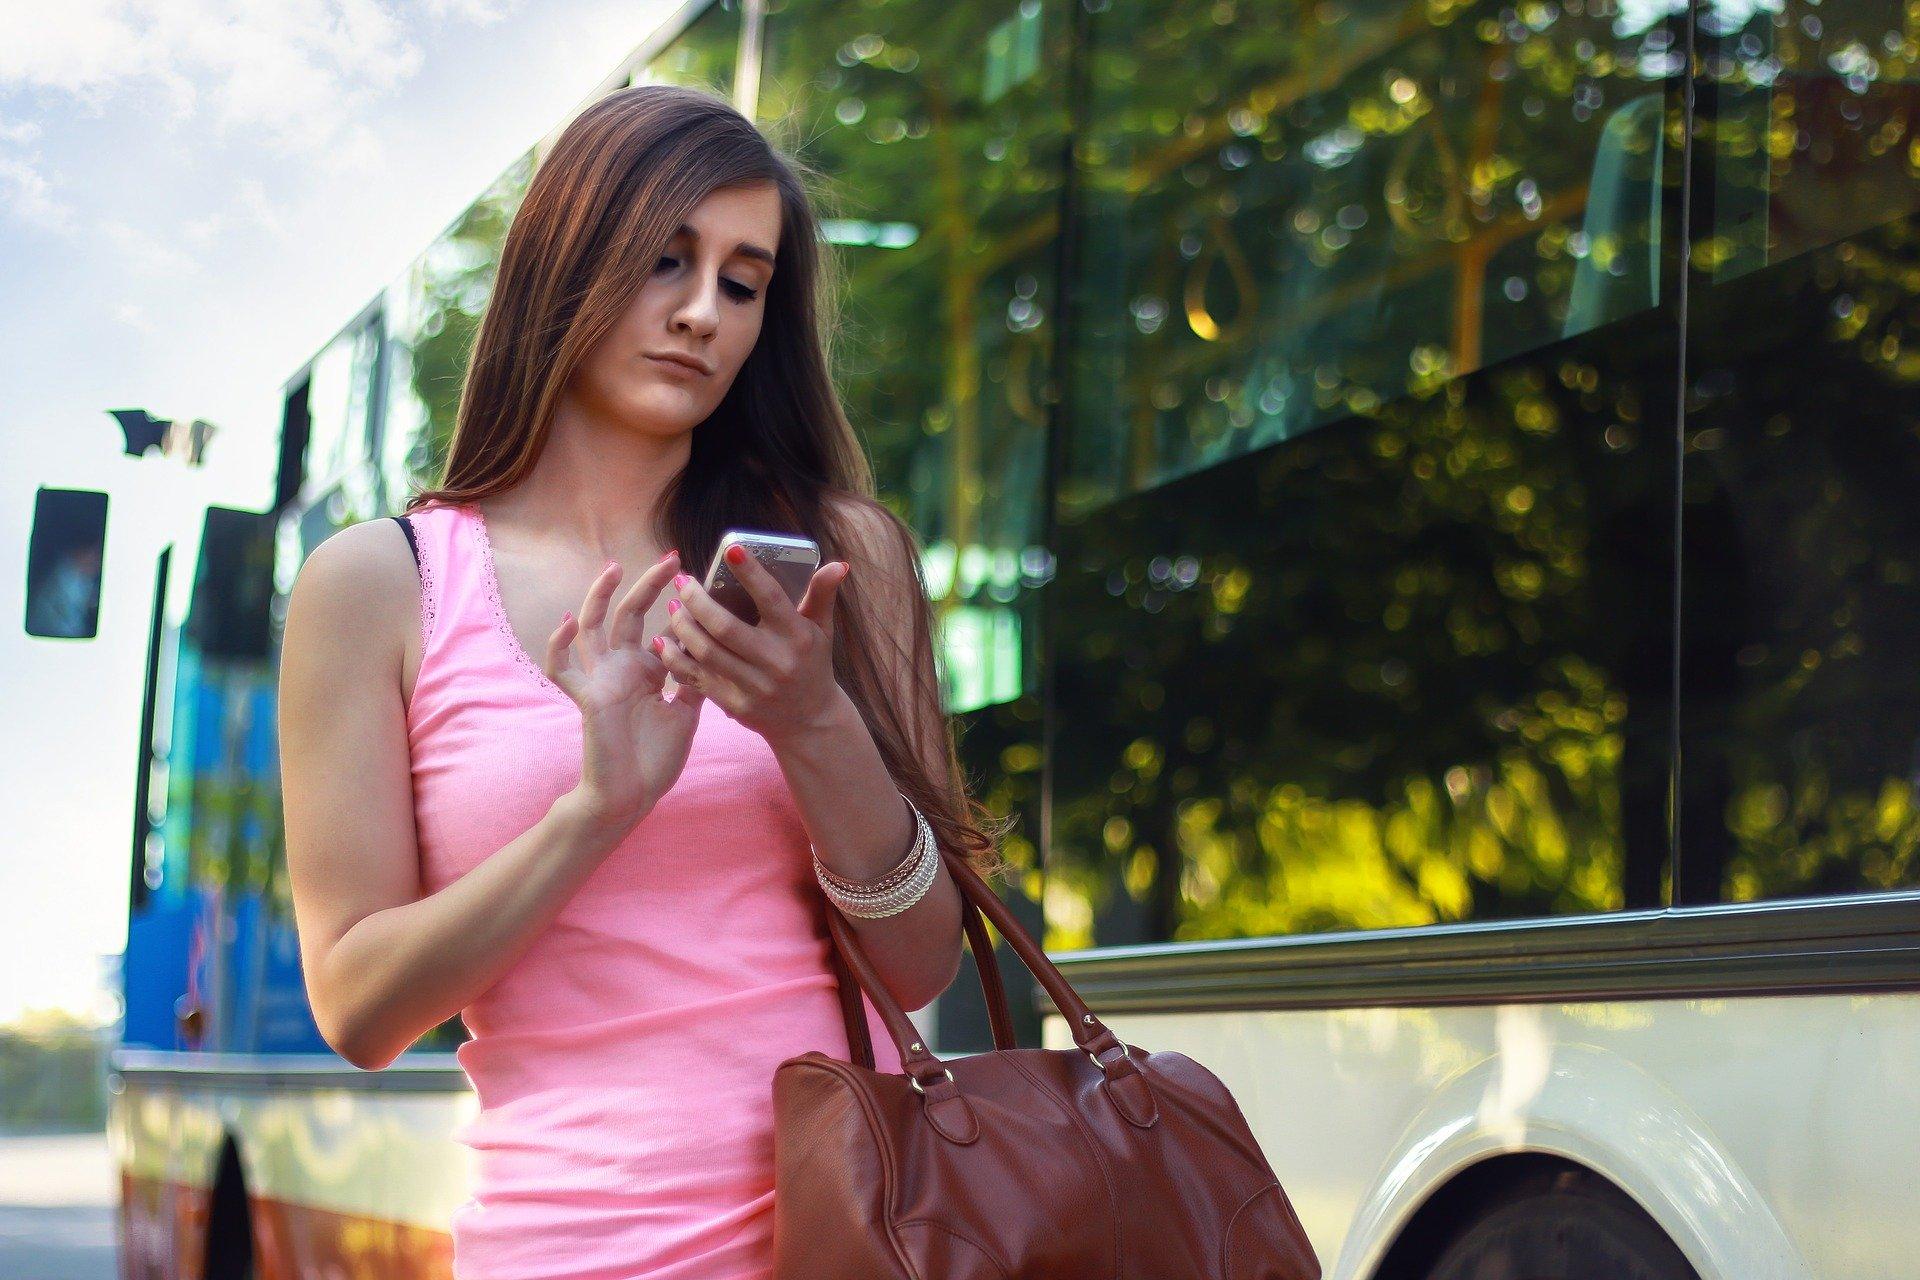 Интернет-магазин в Instagram: простой способ наполнить аккаунт товарами